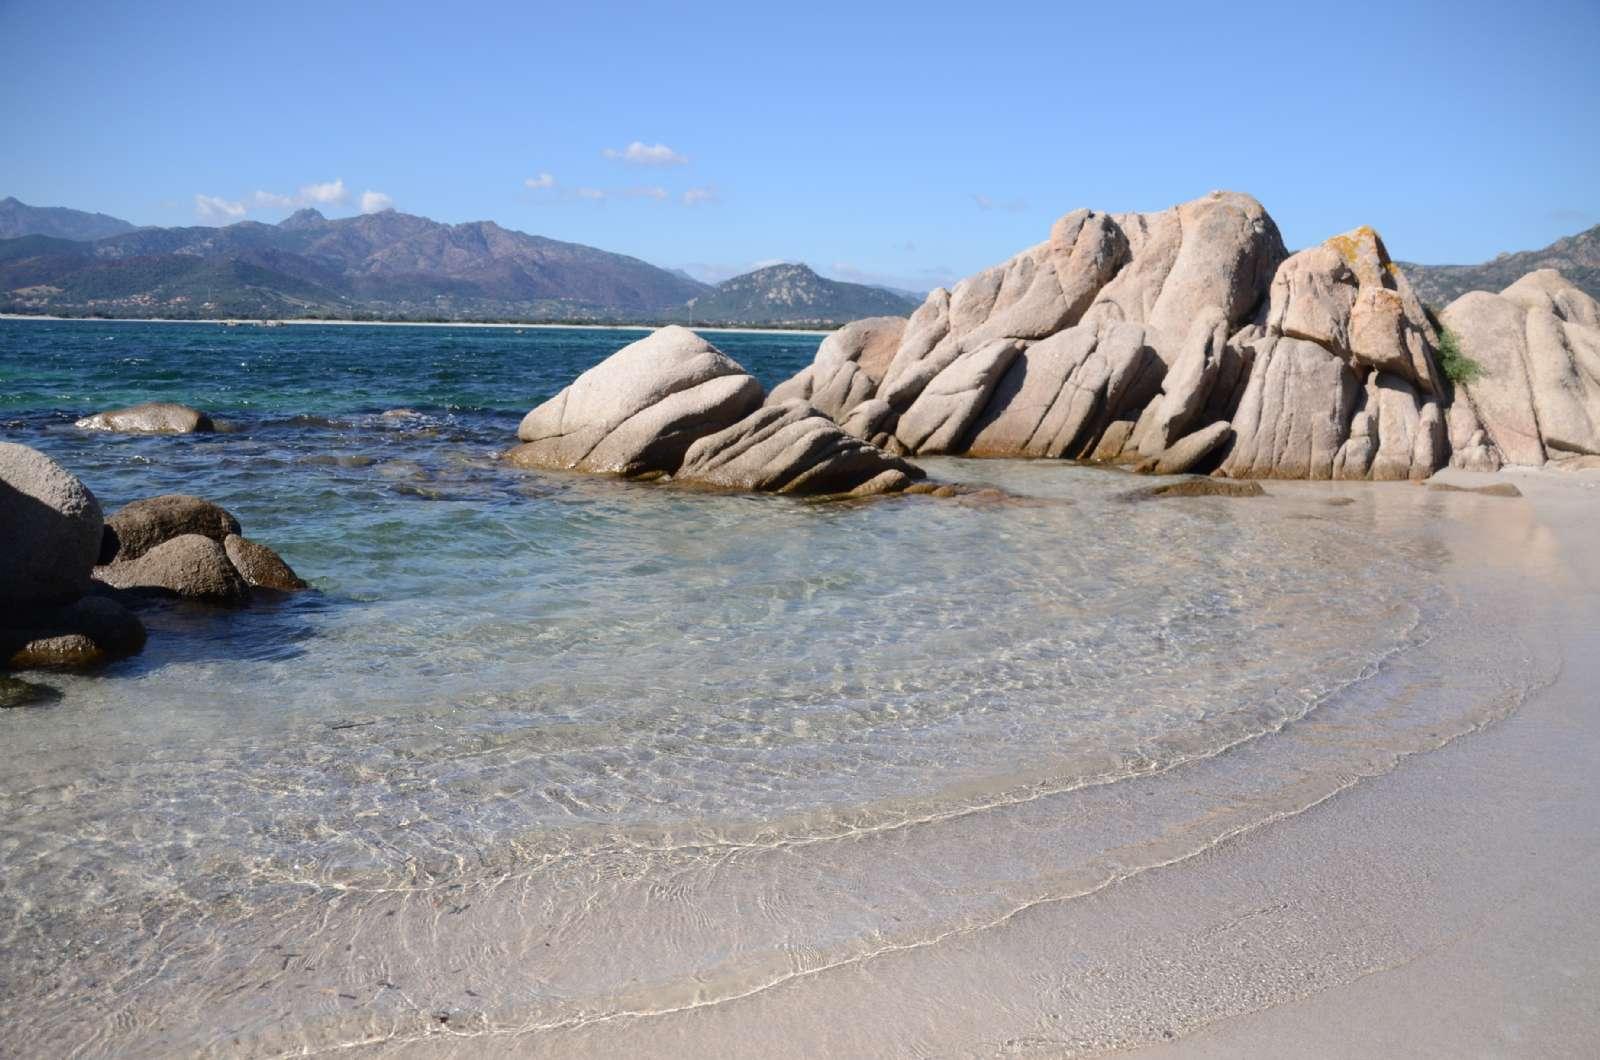 Området bjuder även på karaktärsfulla klippor